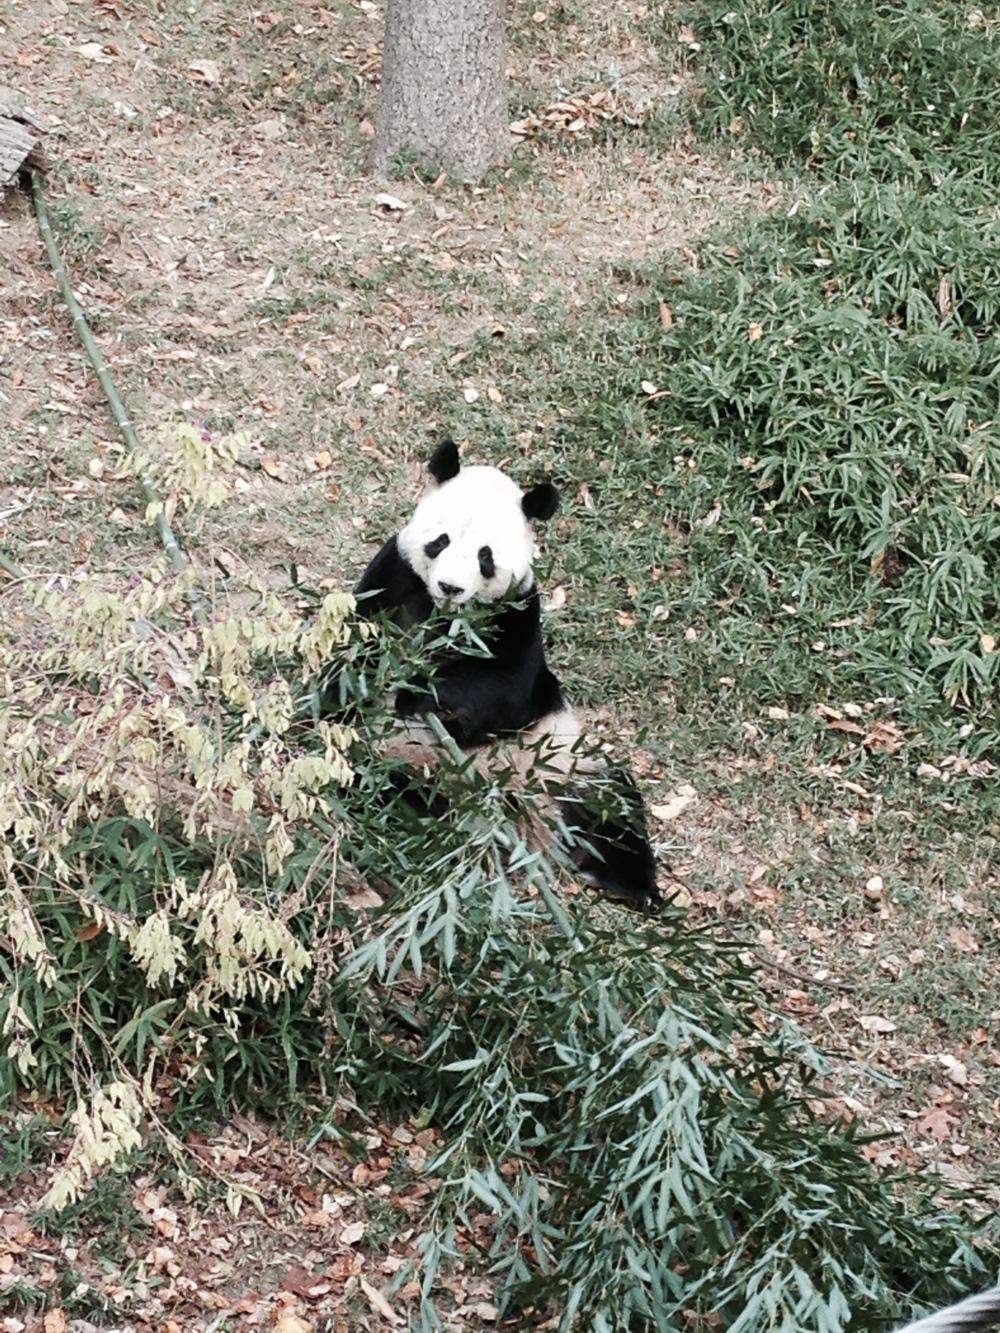 A real life Panda!